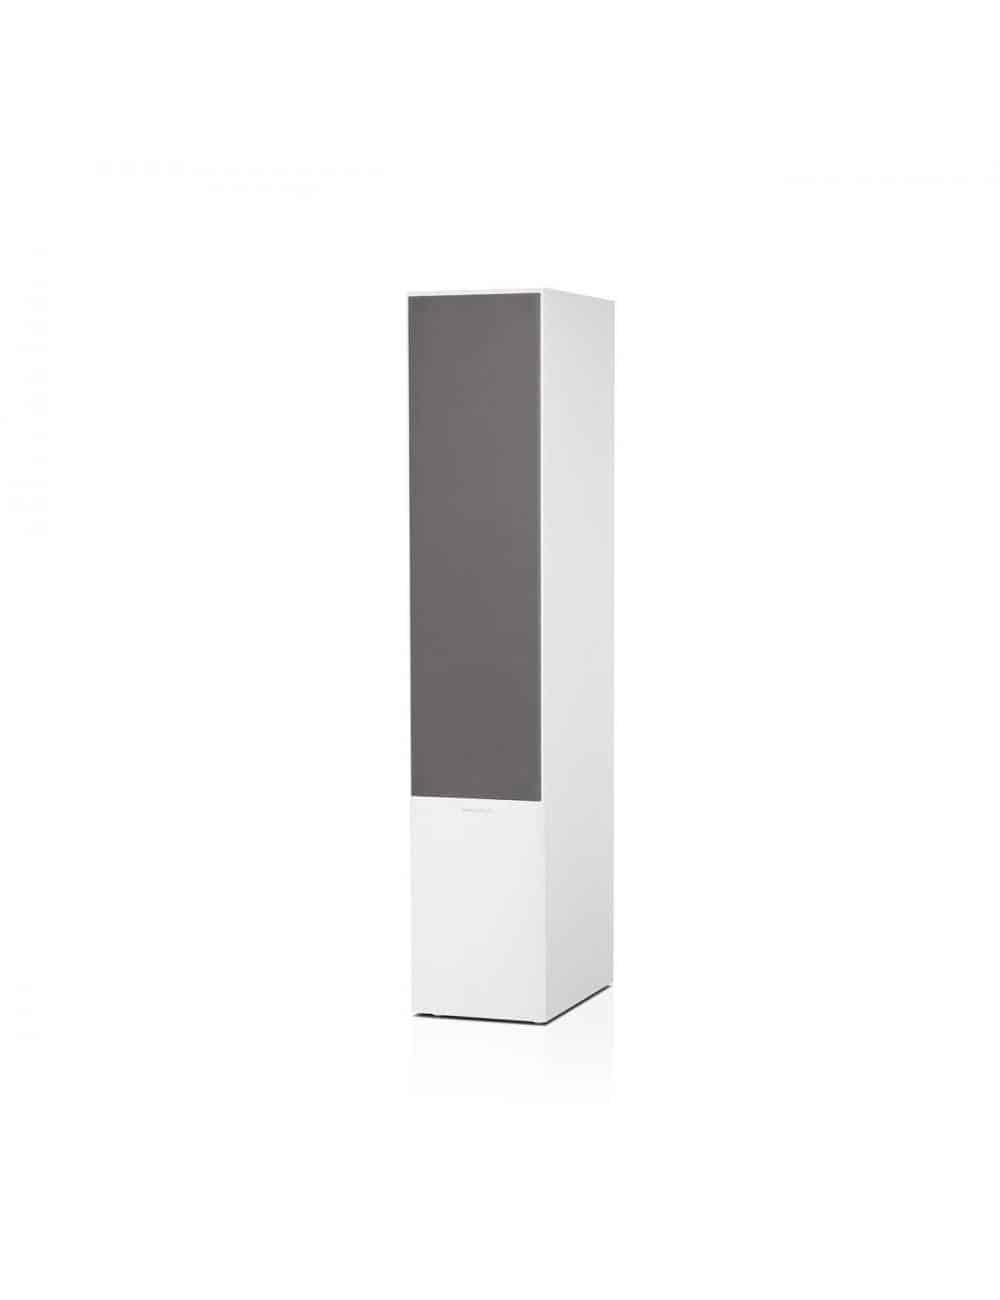 diffusori acustici da pavimento per hifi e home theater, Bowers & Wilkins 703, finitura bianco satinato con griglia